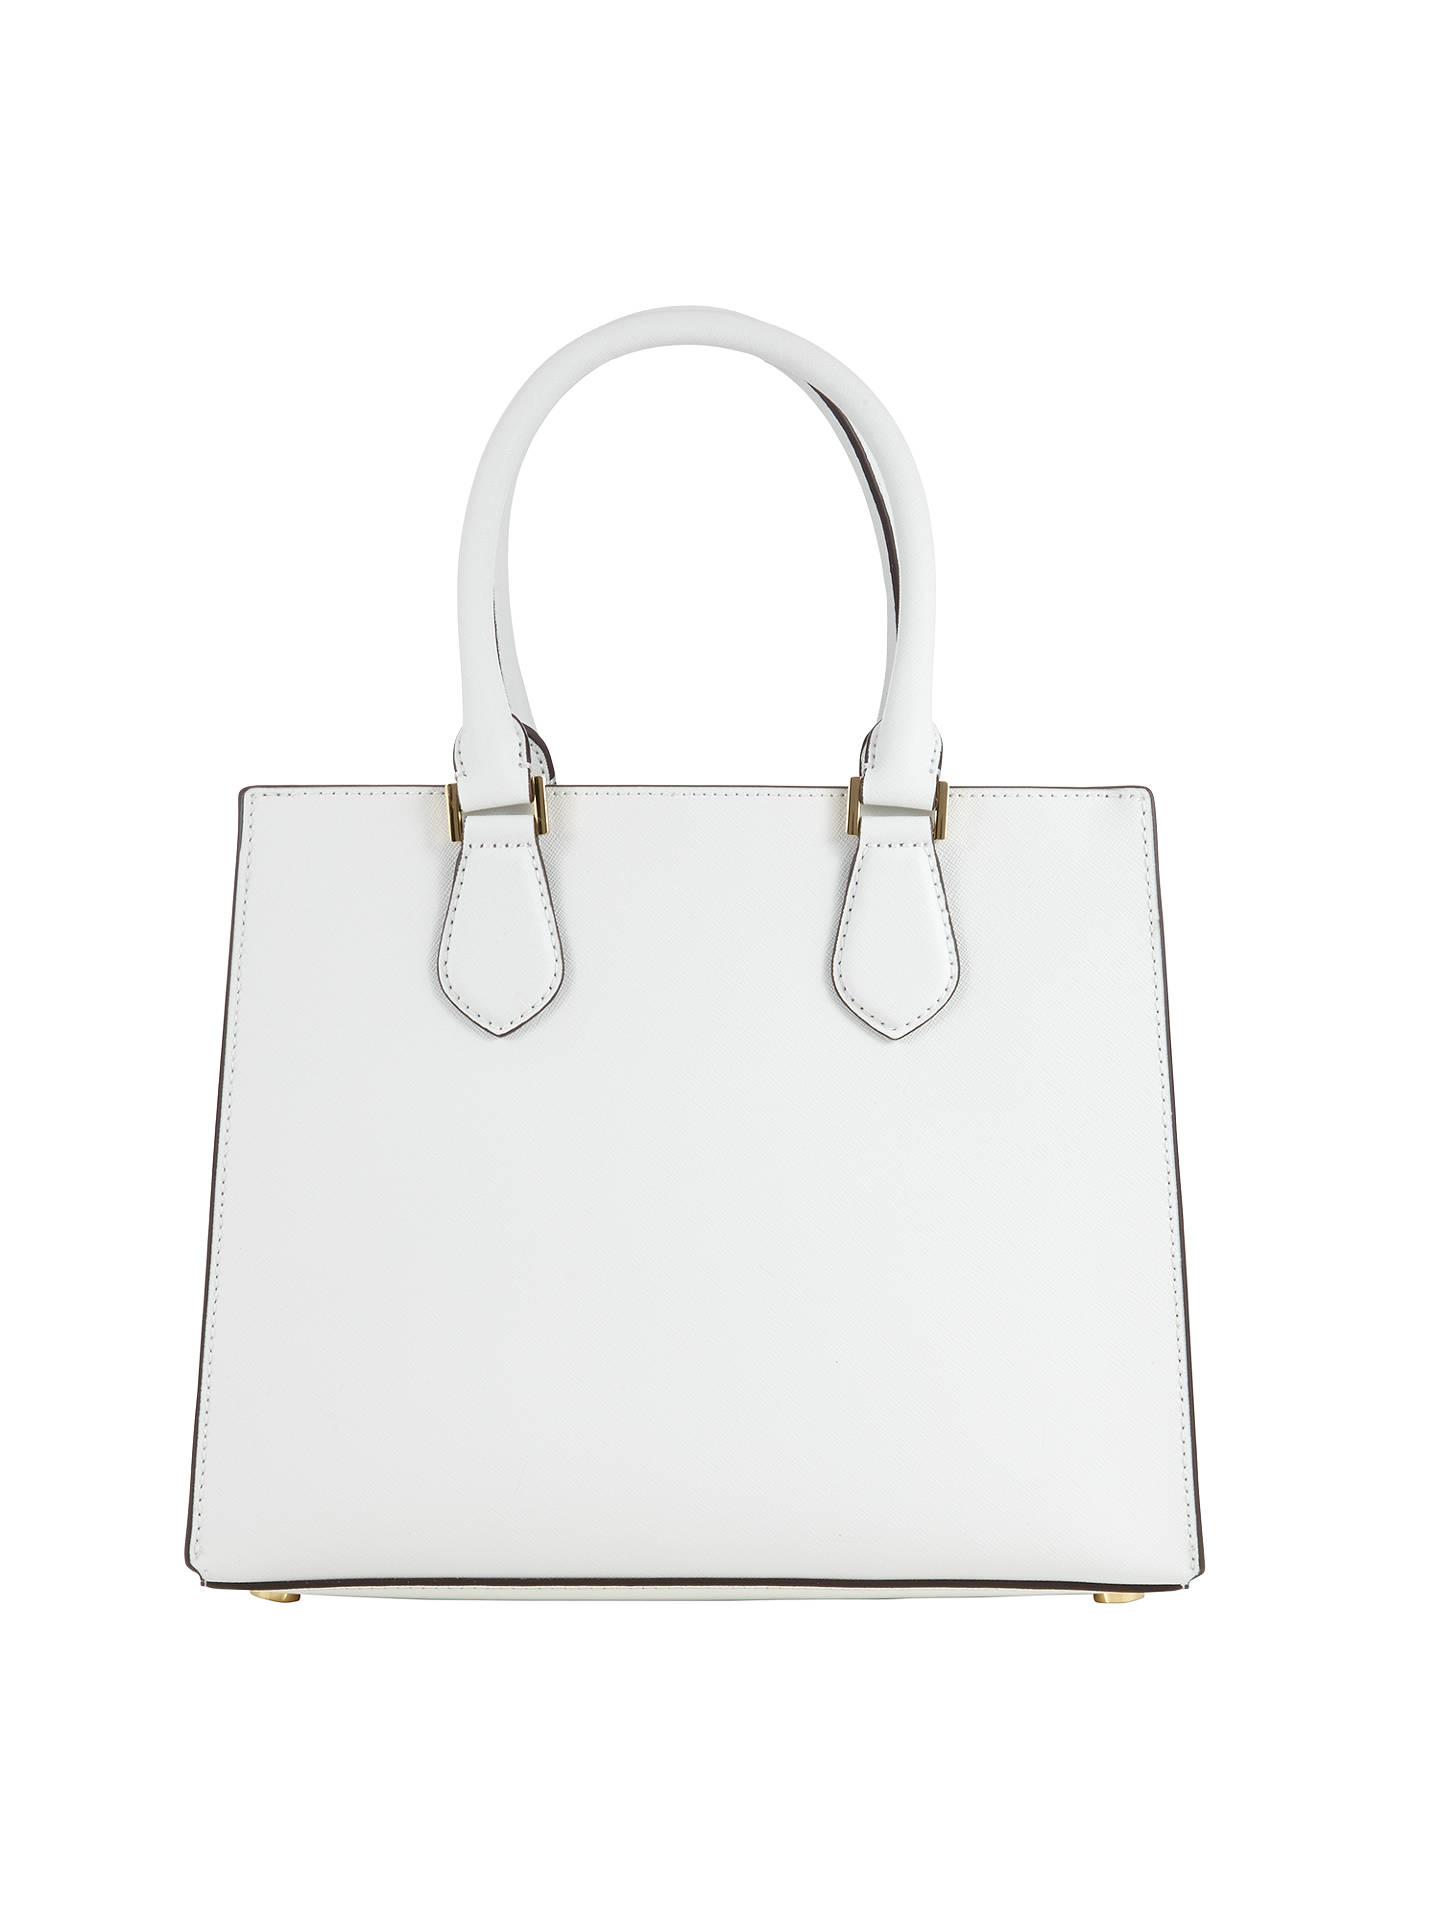 2029cafcb457 ... Buy MICHAEL Michael Kors Bridgette Medium Tote Bag, Optic White Online  at johnlewis.com ...